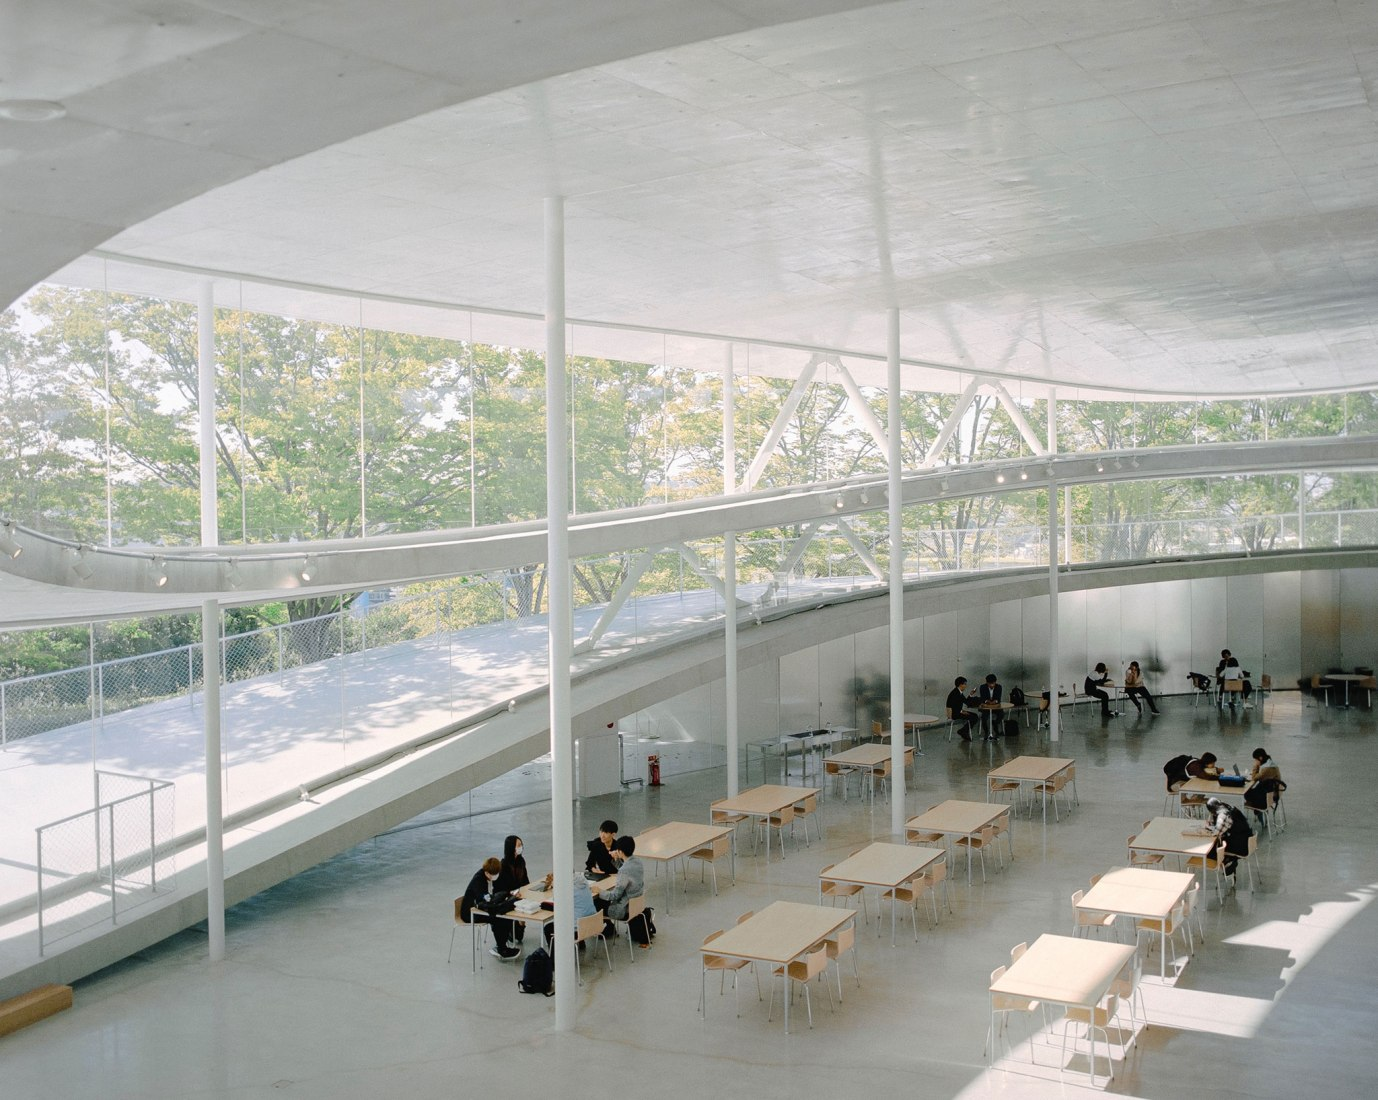 Edificio de la facultad de artes y ciencias de la Universidad de Artes de Osaka por Kazuyo Sejima. Fotografía por Mengzhu Jiang